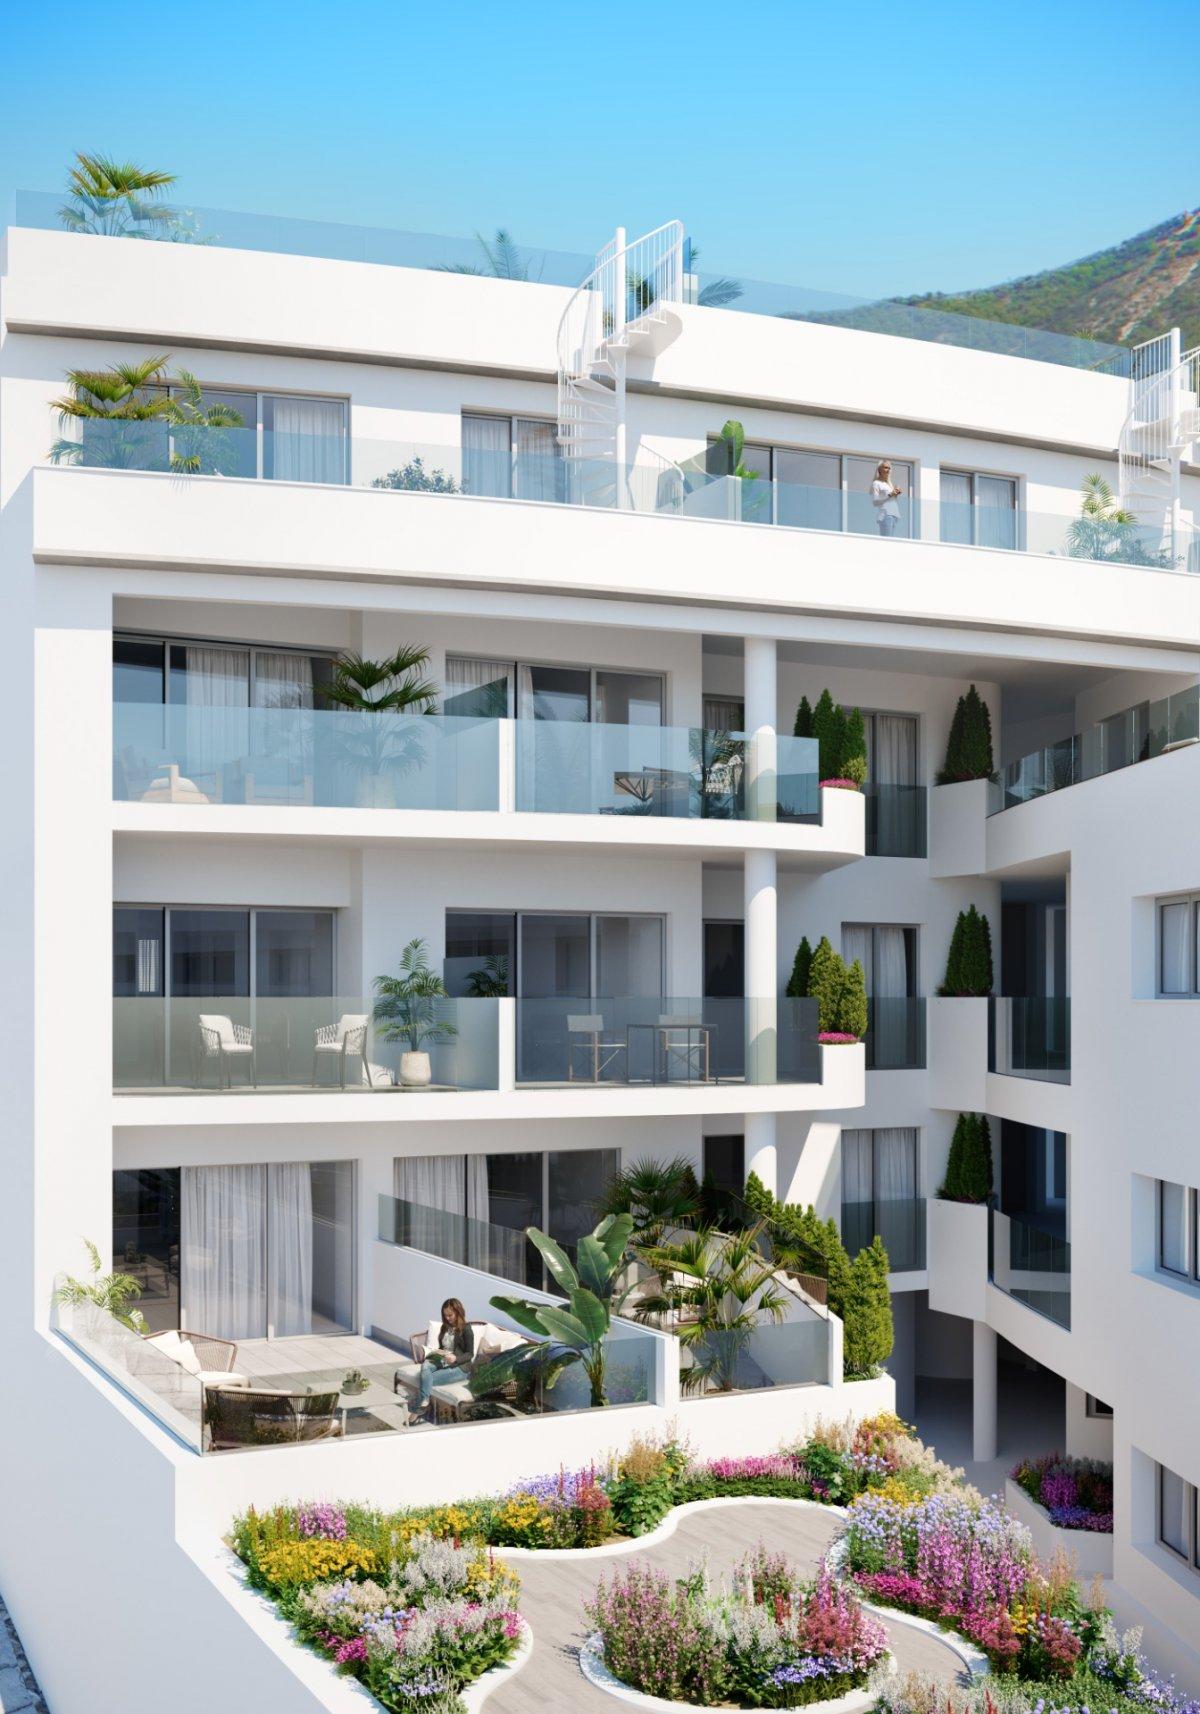 Fantástica promoción de viviendas en construcción en mijas pueblo - imagenInmueble8